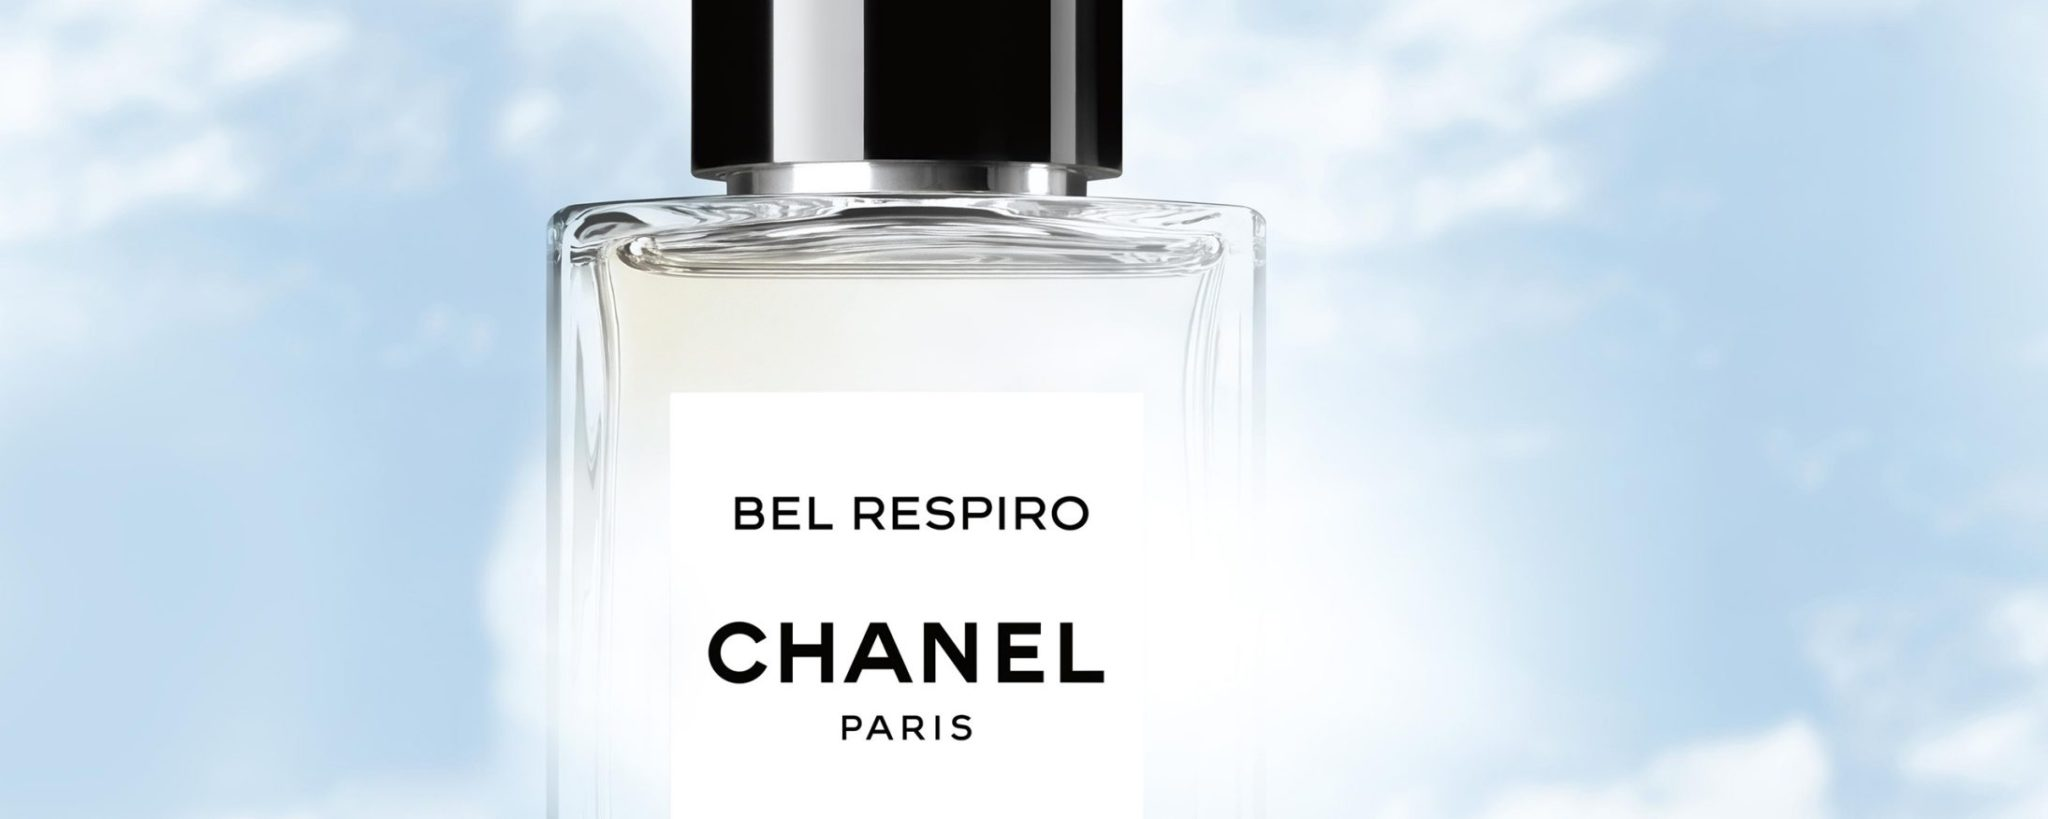 Chanel Les Exclusifs Bel Respiro eau de parfum Esprit de Gabrielle jeronimodiparigi-dev-esprit-de-gabrielle.pf1.wpserveur.net